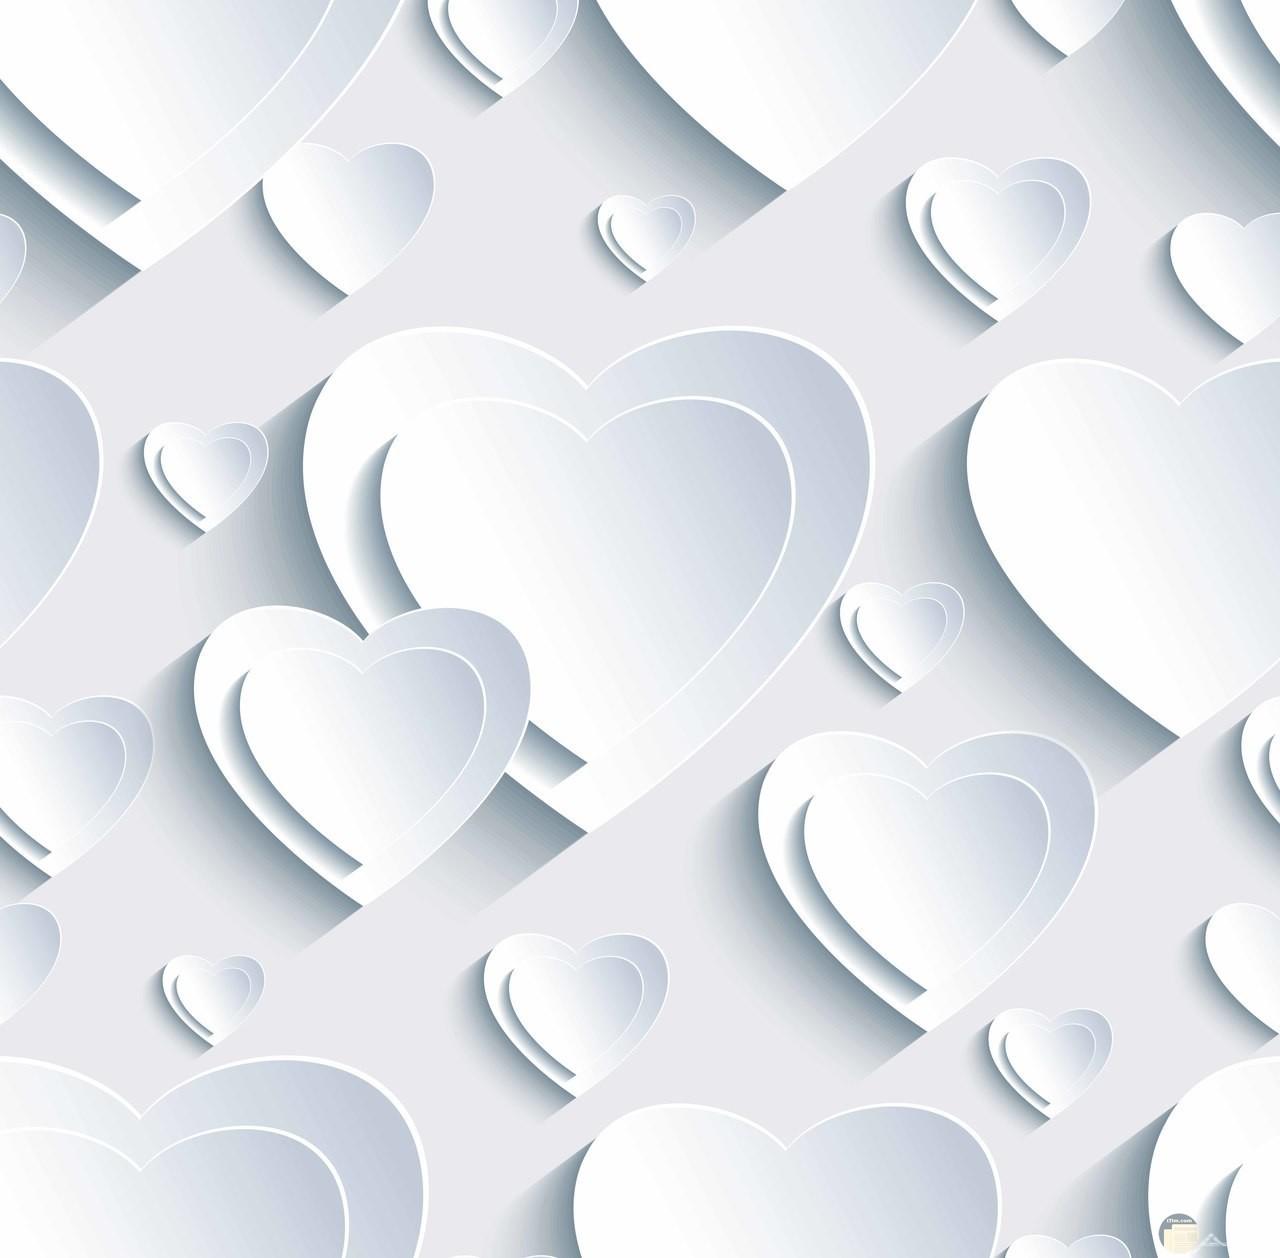 10 صور قلوب بيضاء رمز الطيبة والسلام